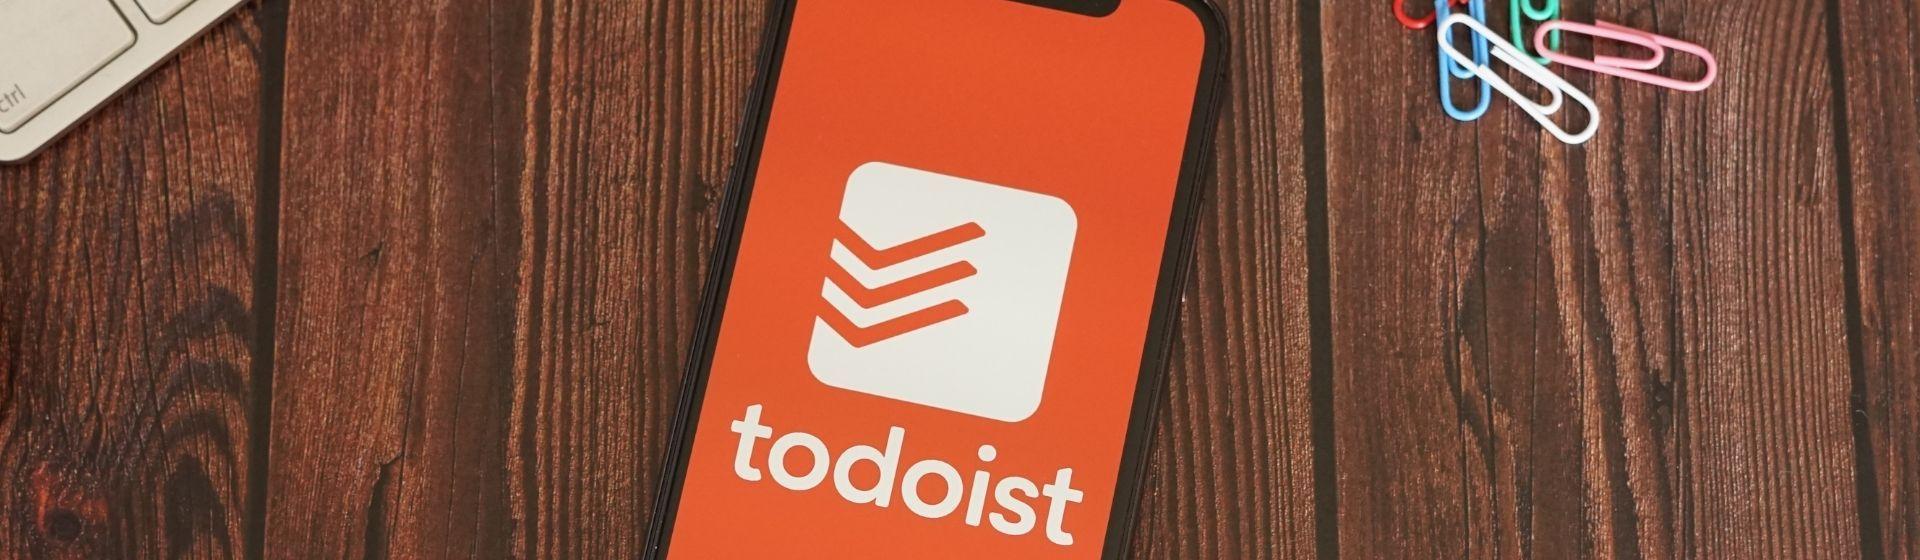 Todoist: app grátis organiza tarefas e ajuda a criar To Do List